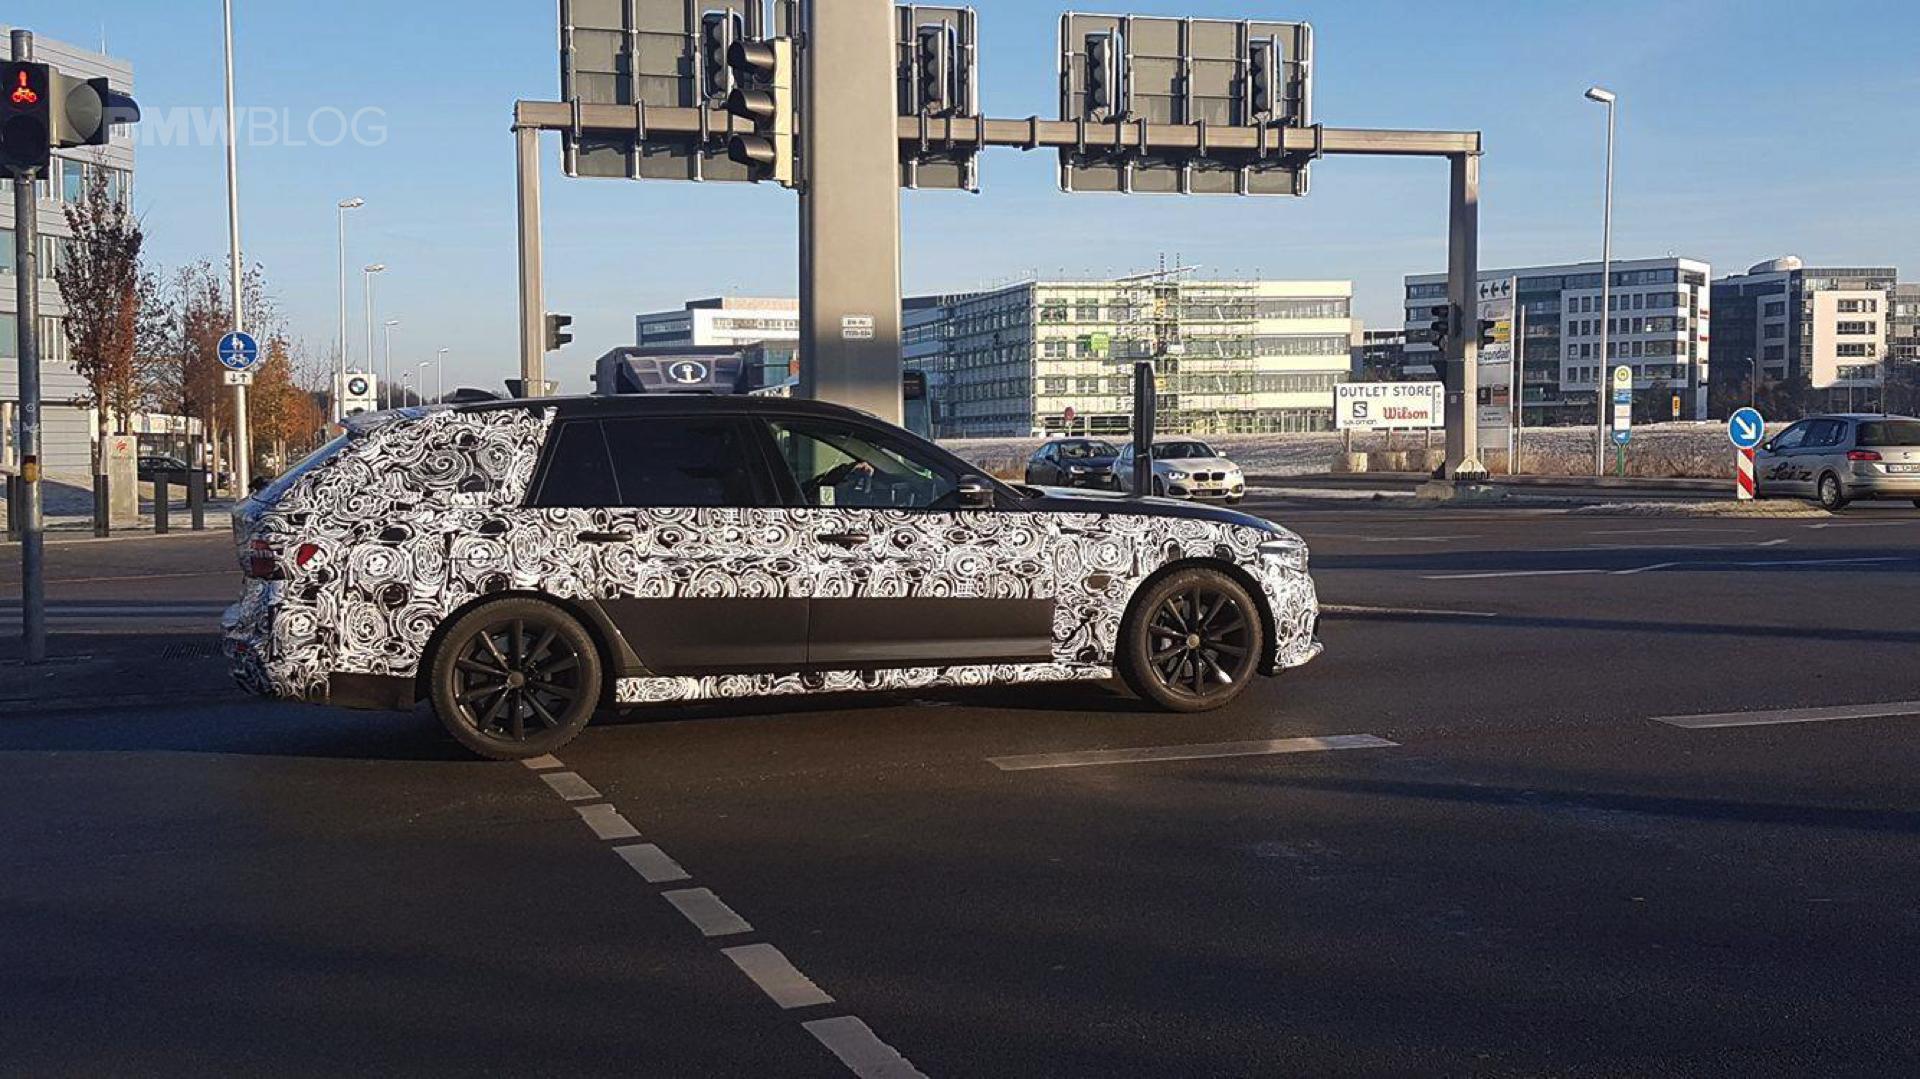 2017 BMW 5 Series Touring Spy Photos 05